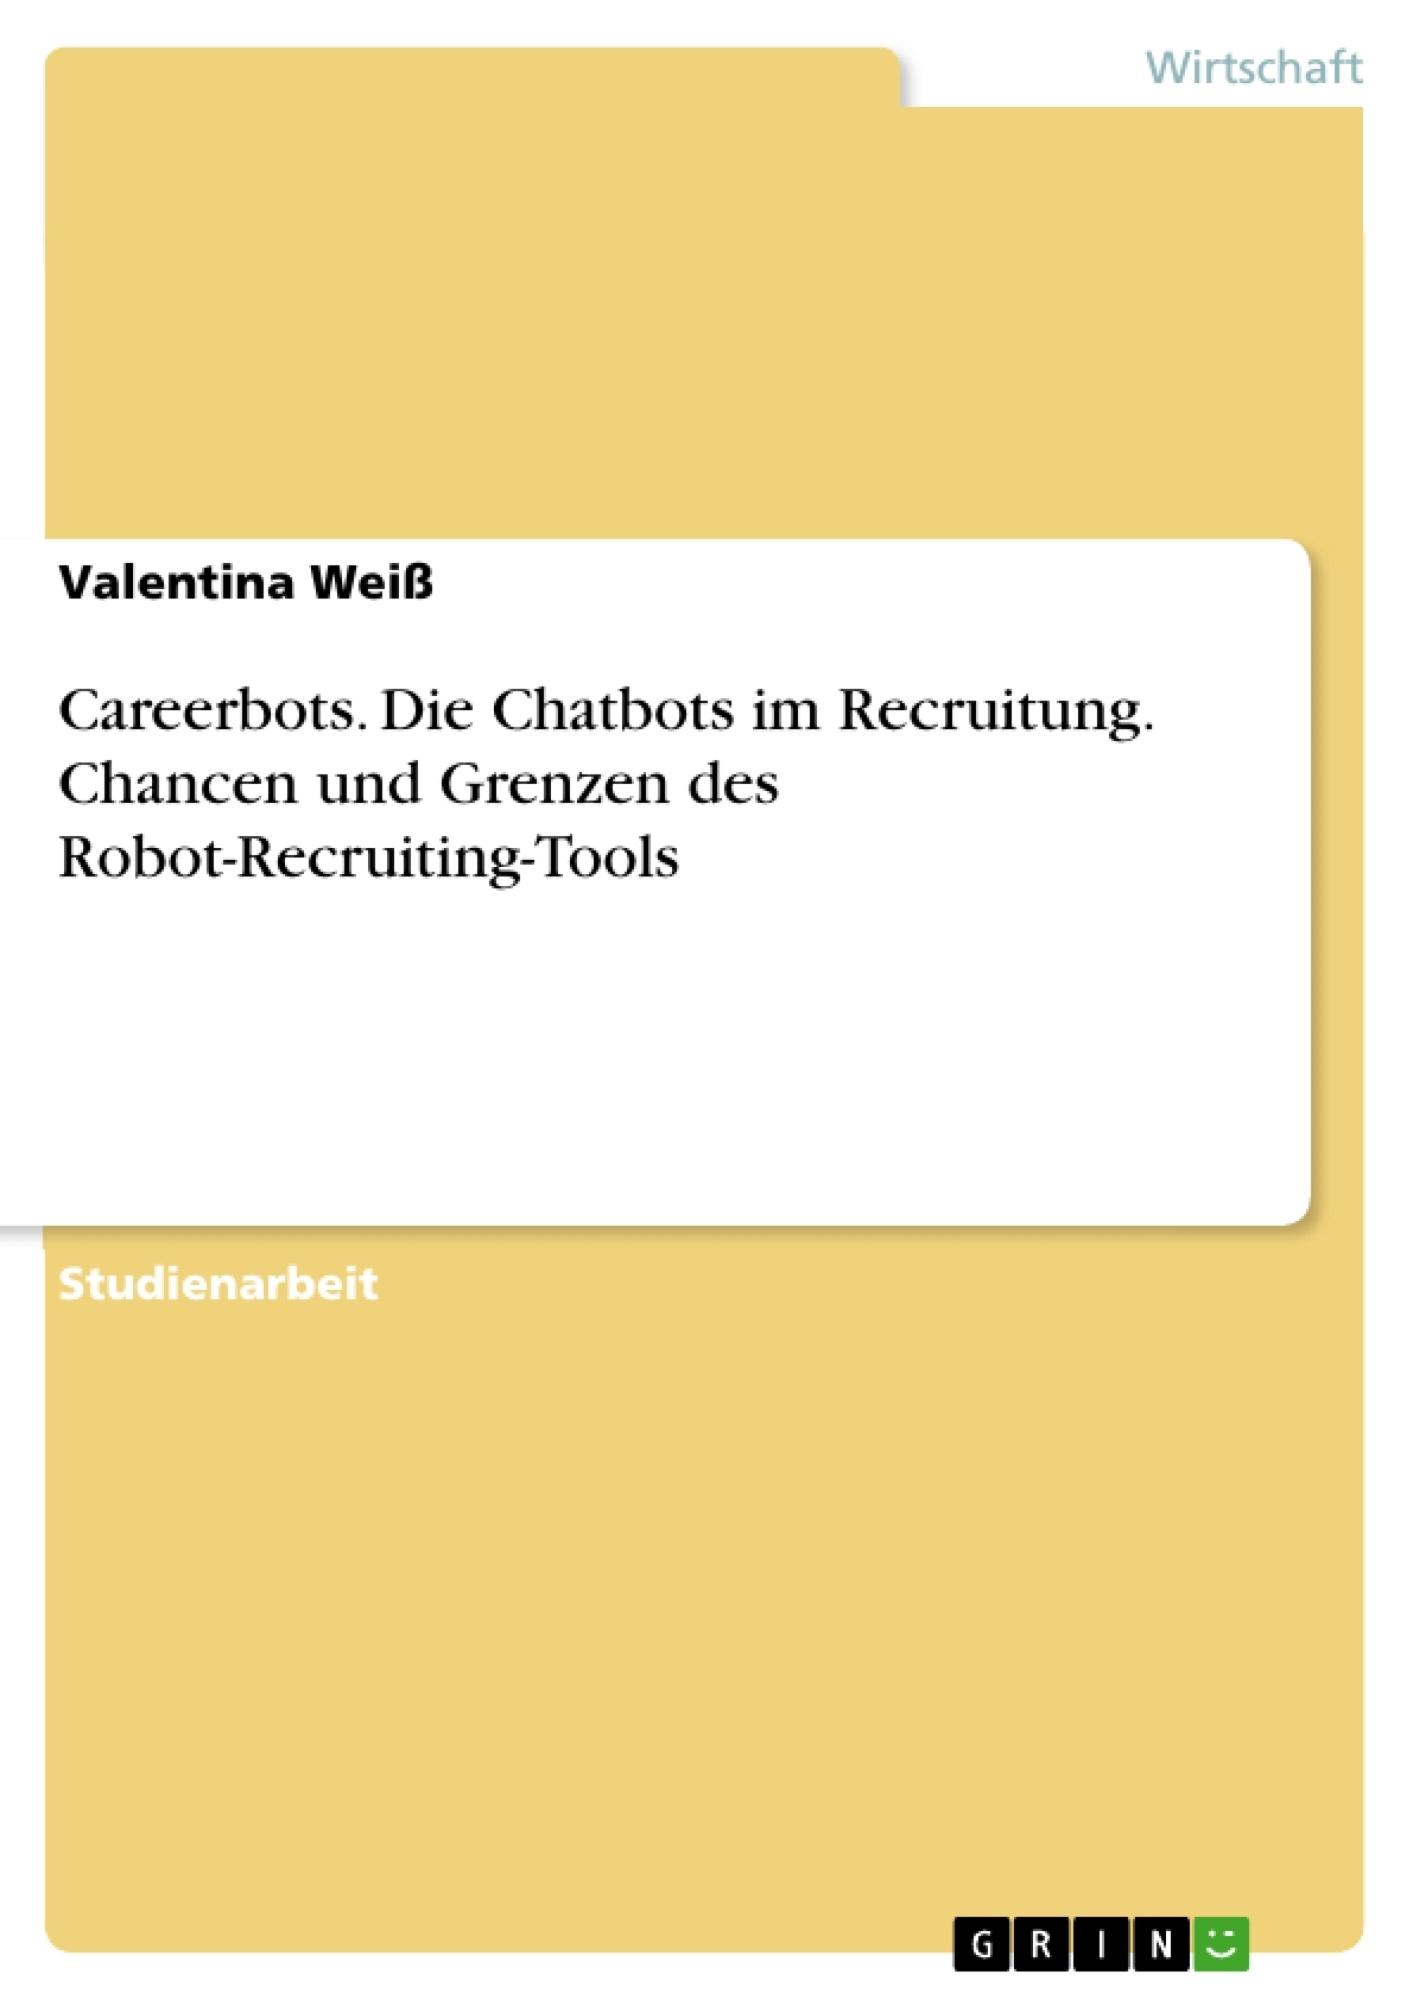 Titel: Careerbots. Die Chatbots im Recruitung. Chancen und Grenzen des Robot-Recruiting-Tools